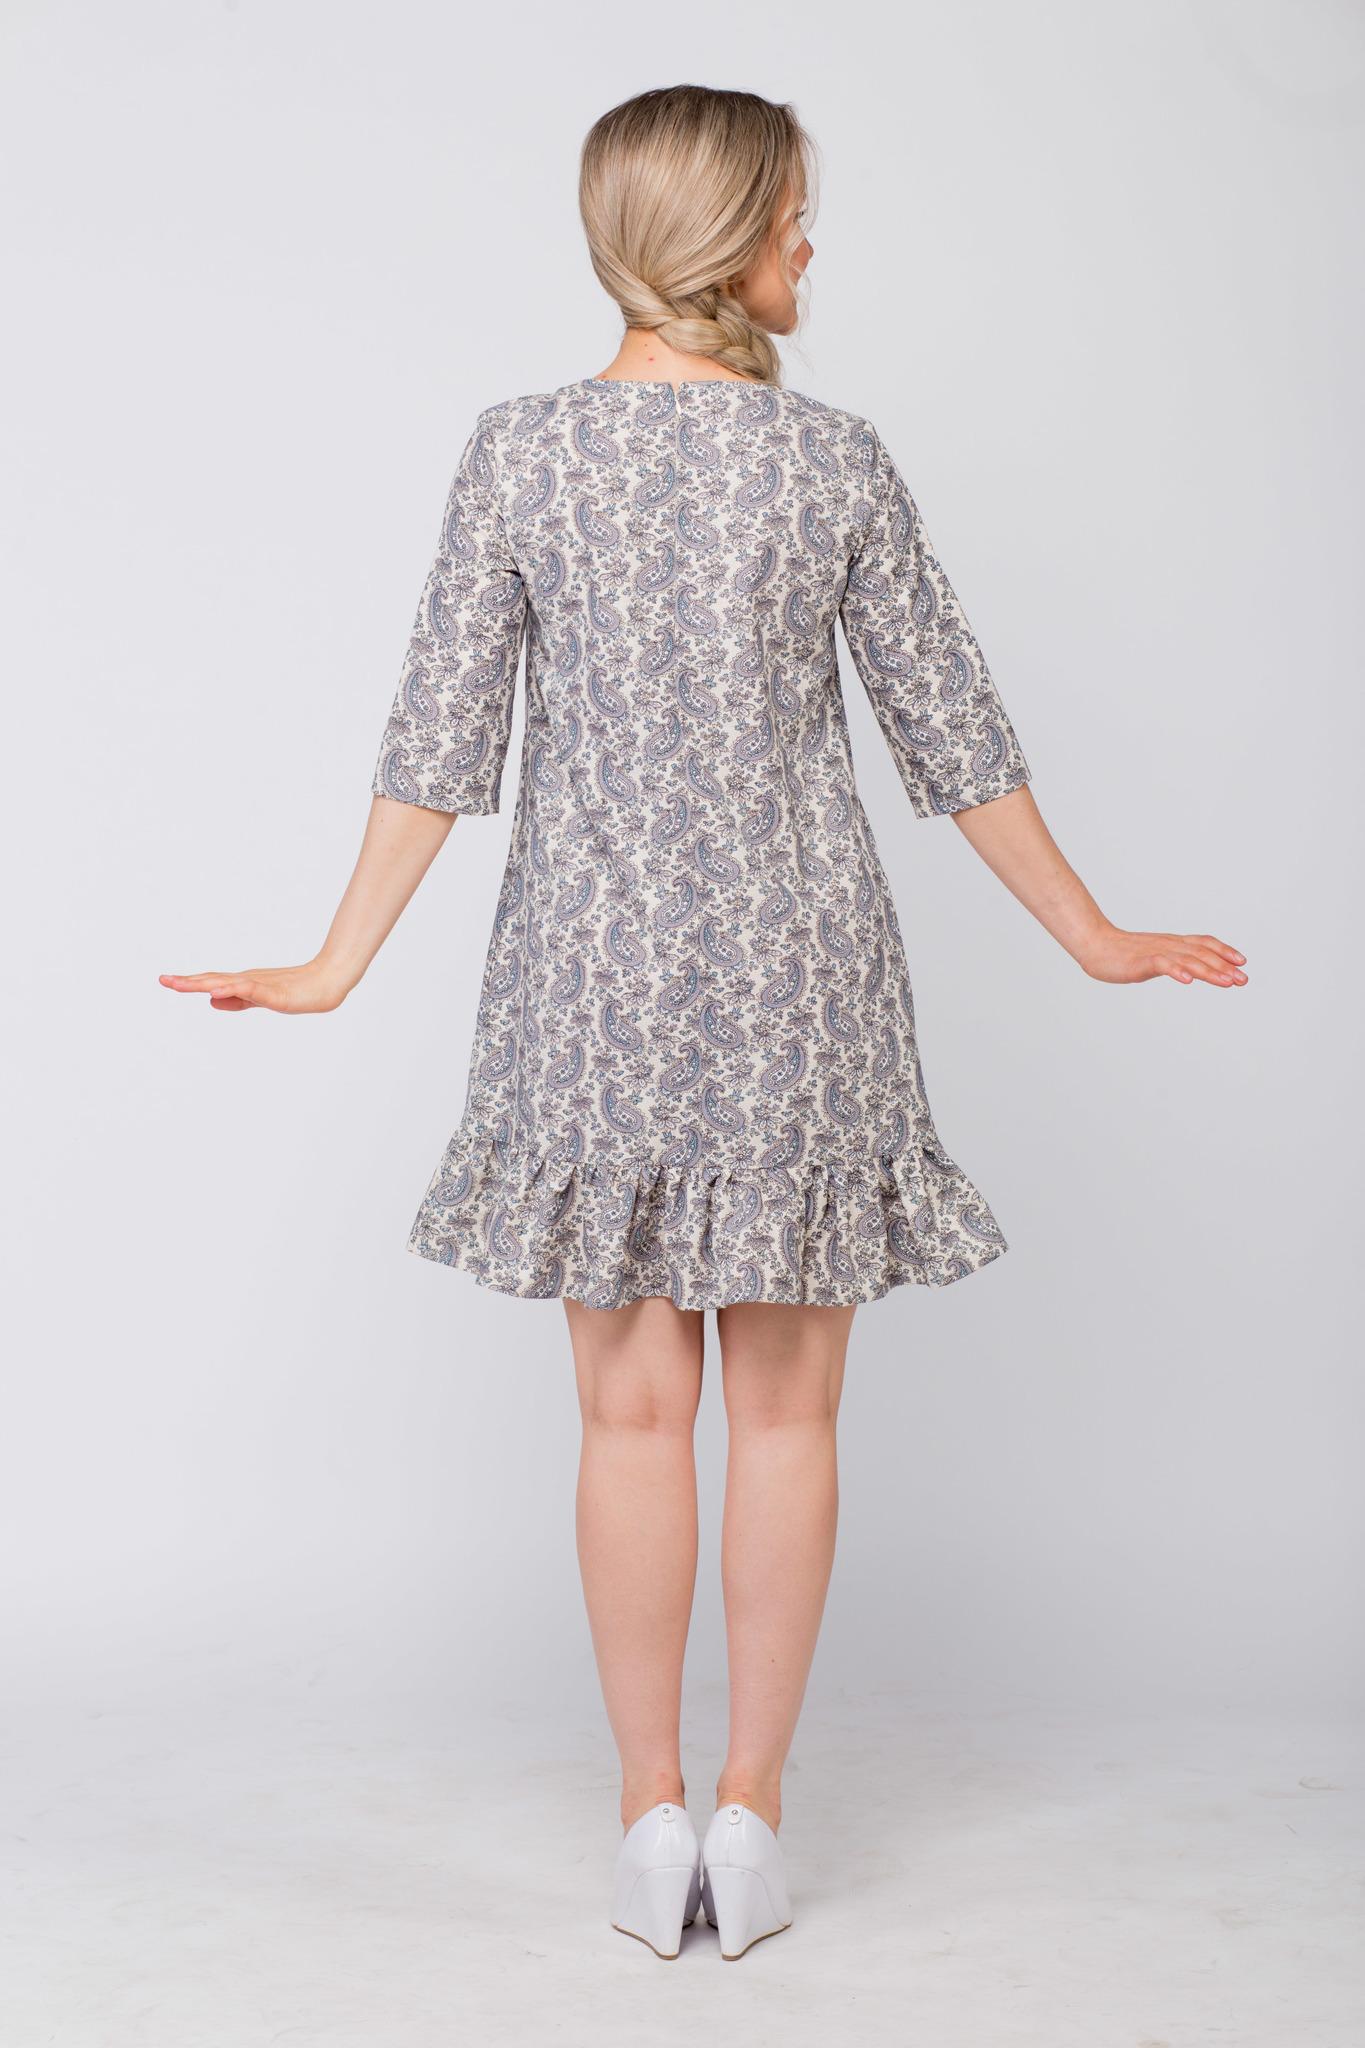 Платье льняное Огурцы вид сзади